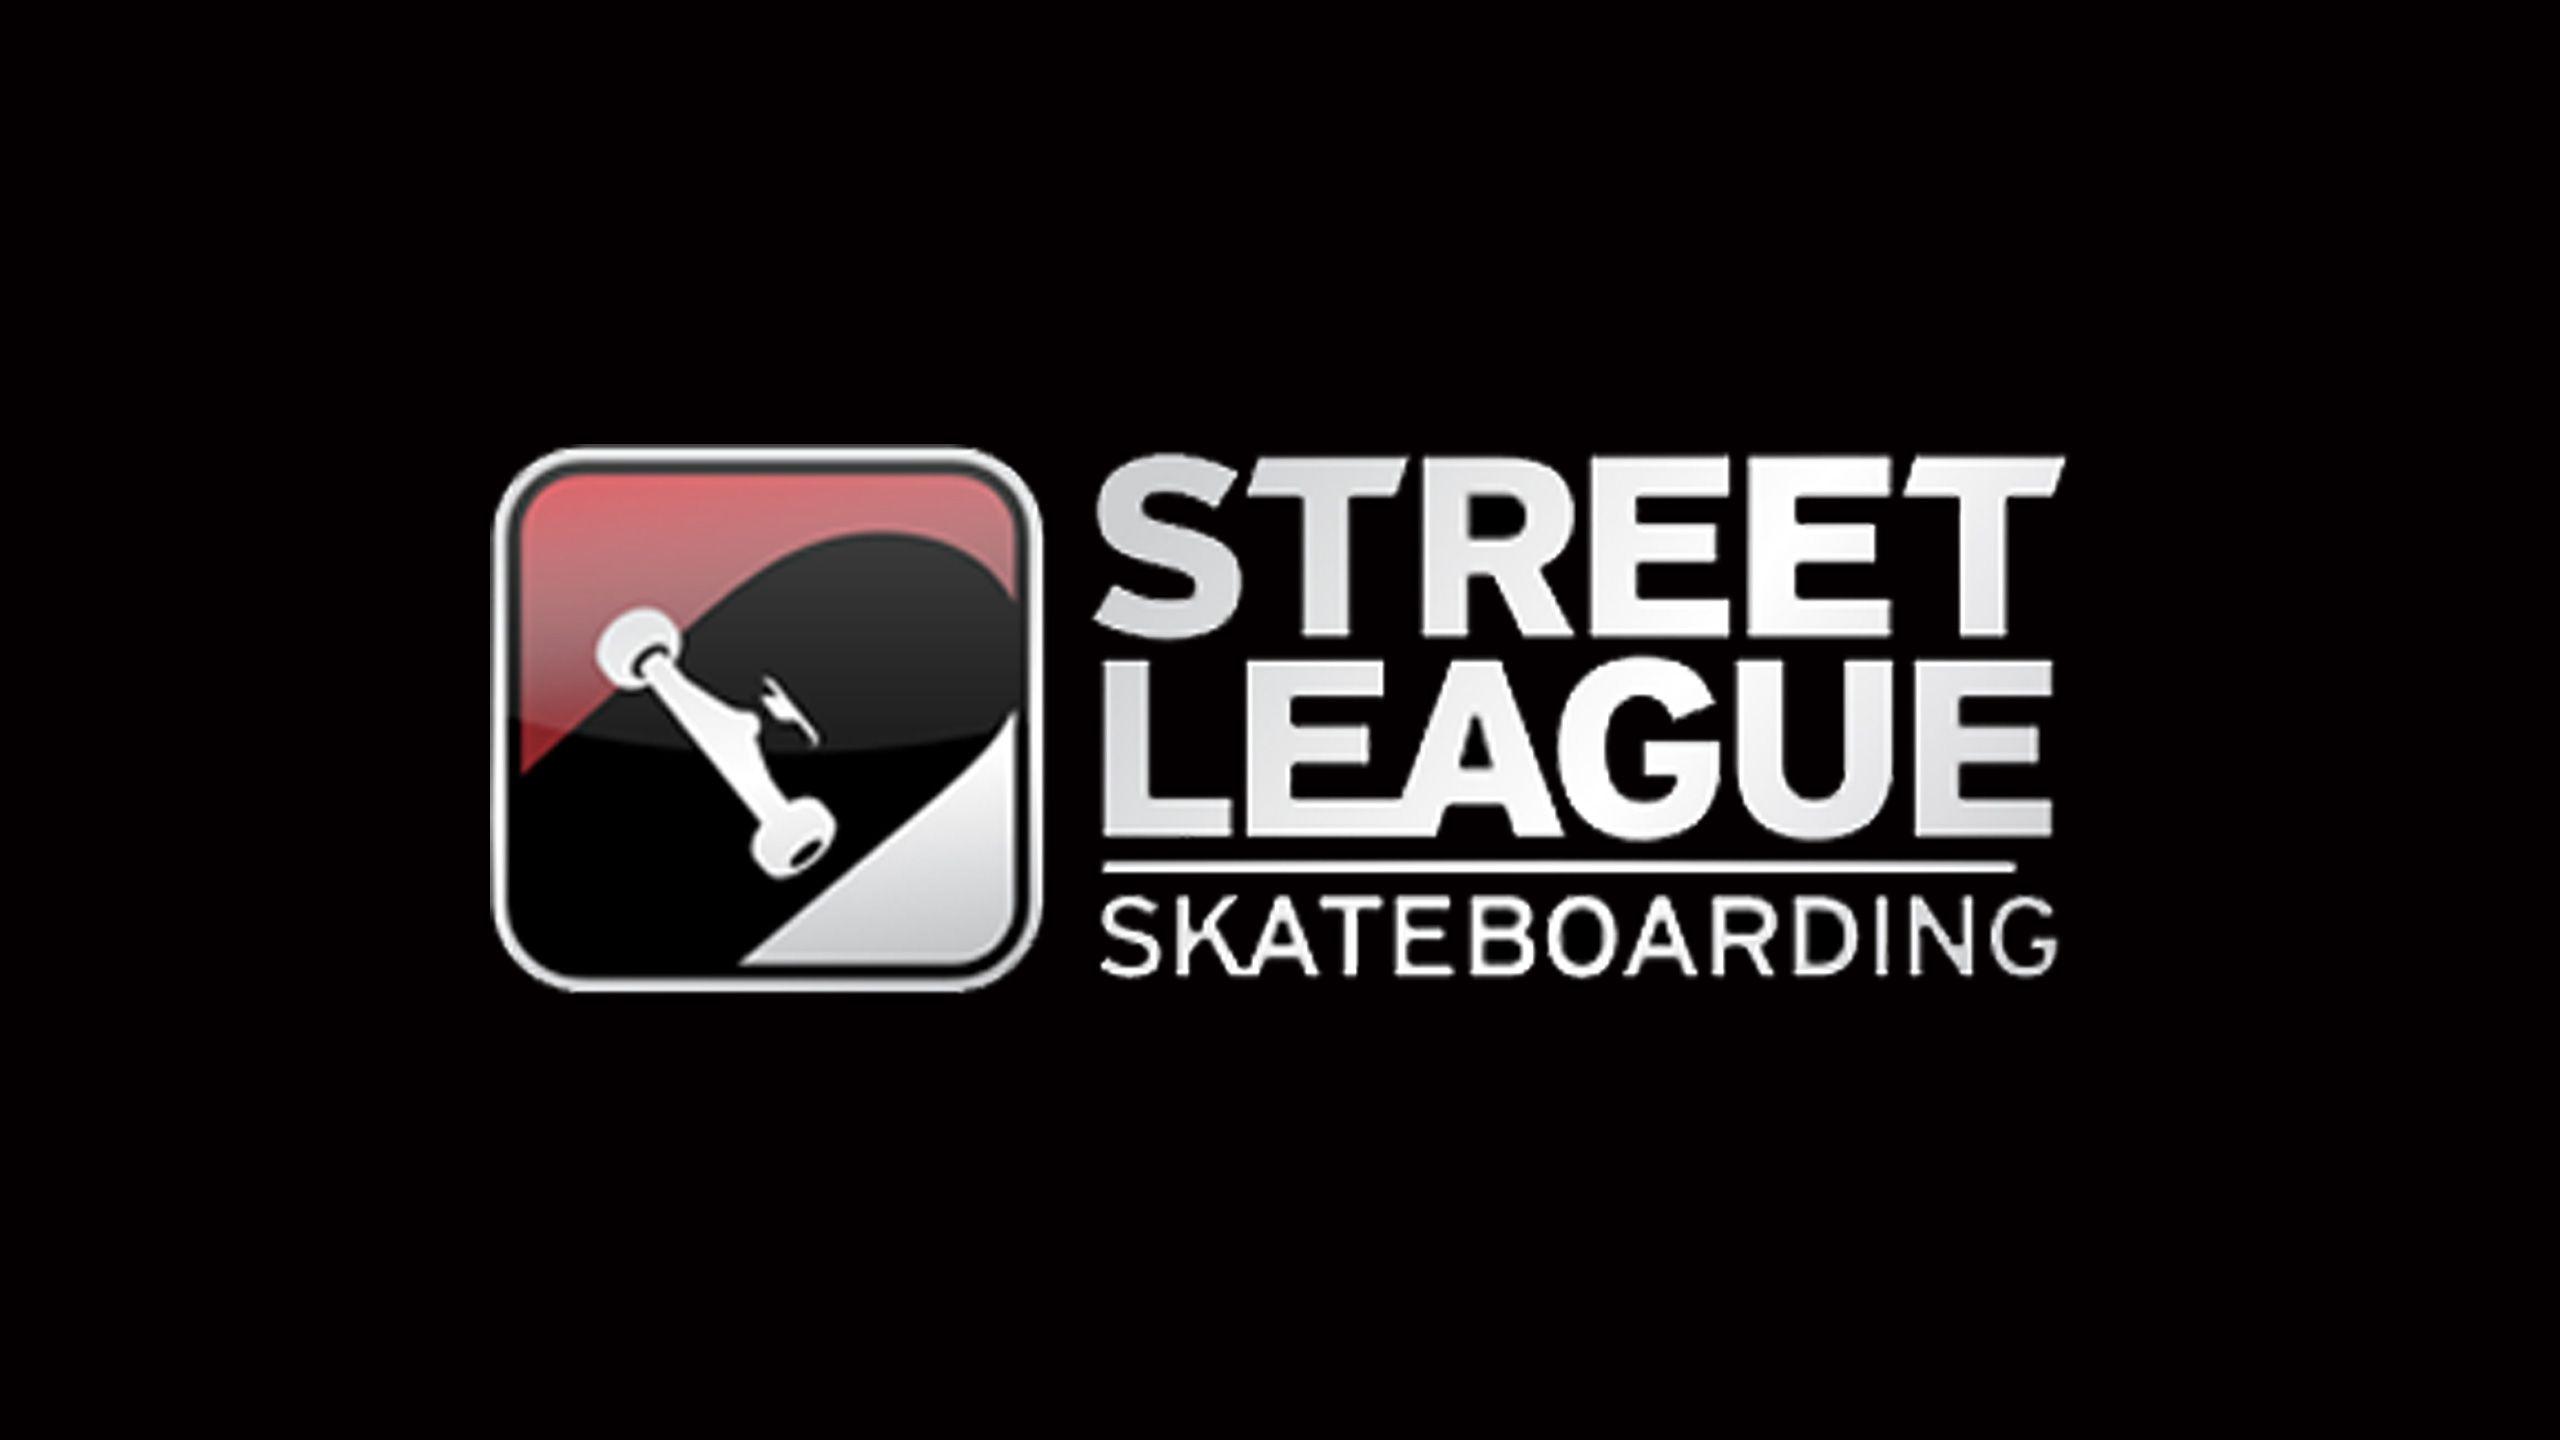 Street League Skateboarding